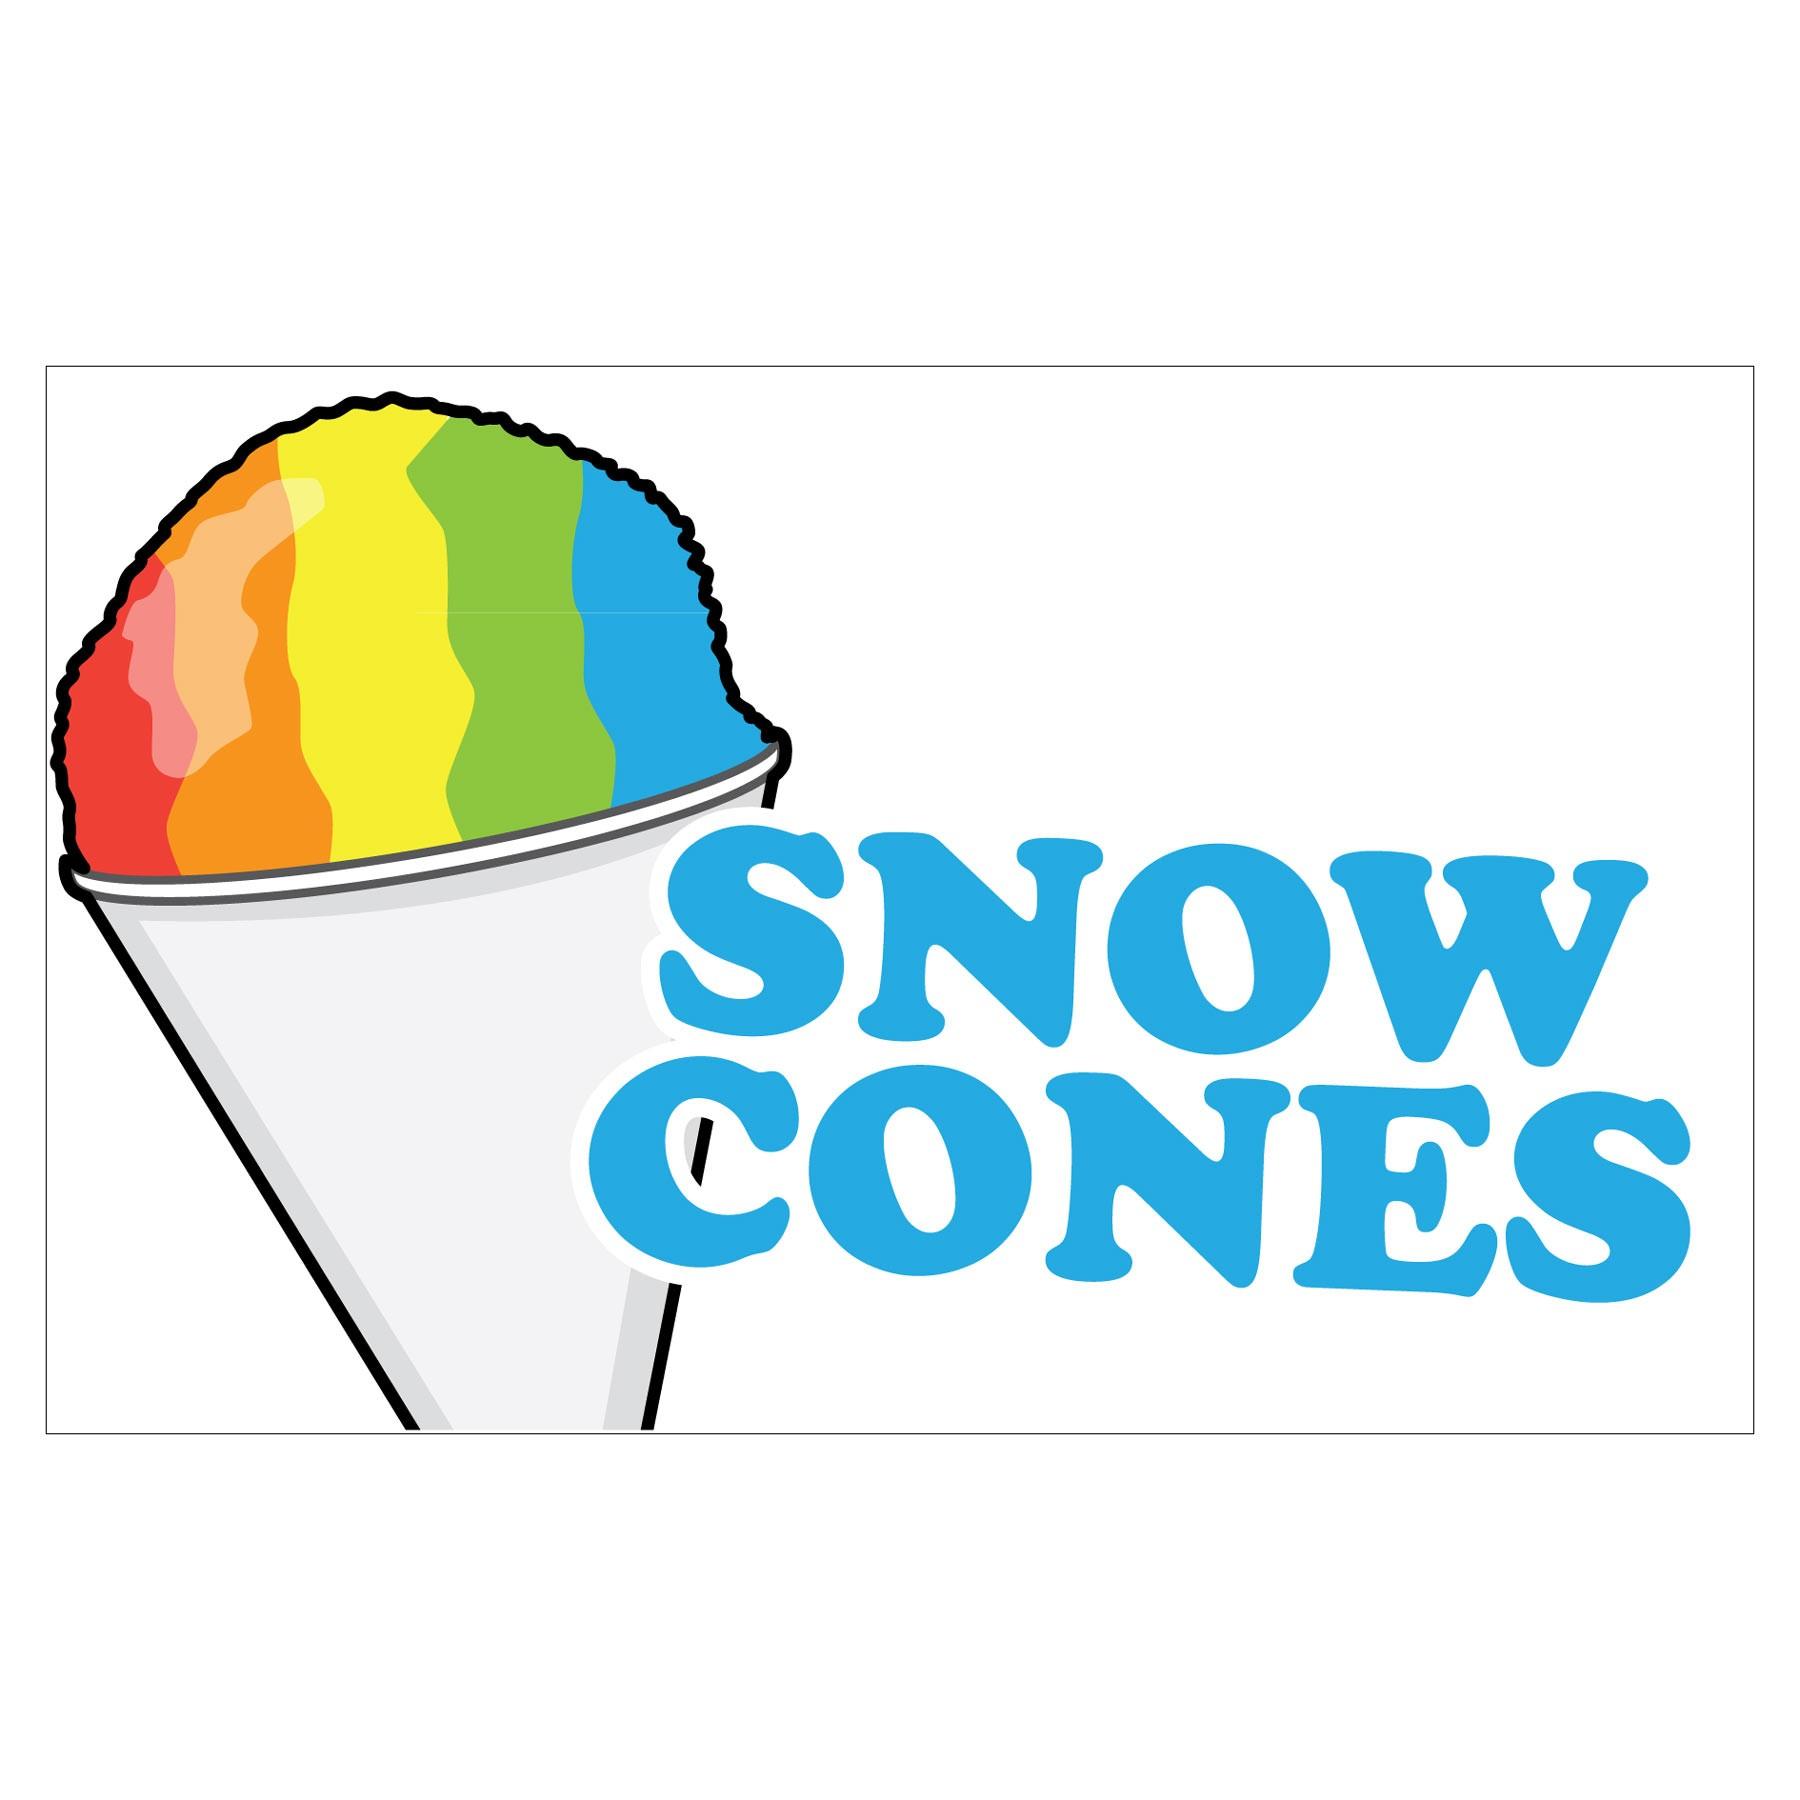 snow cones clipart #9